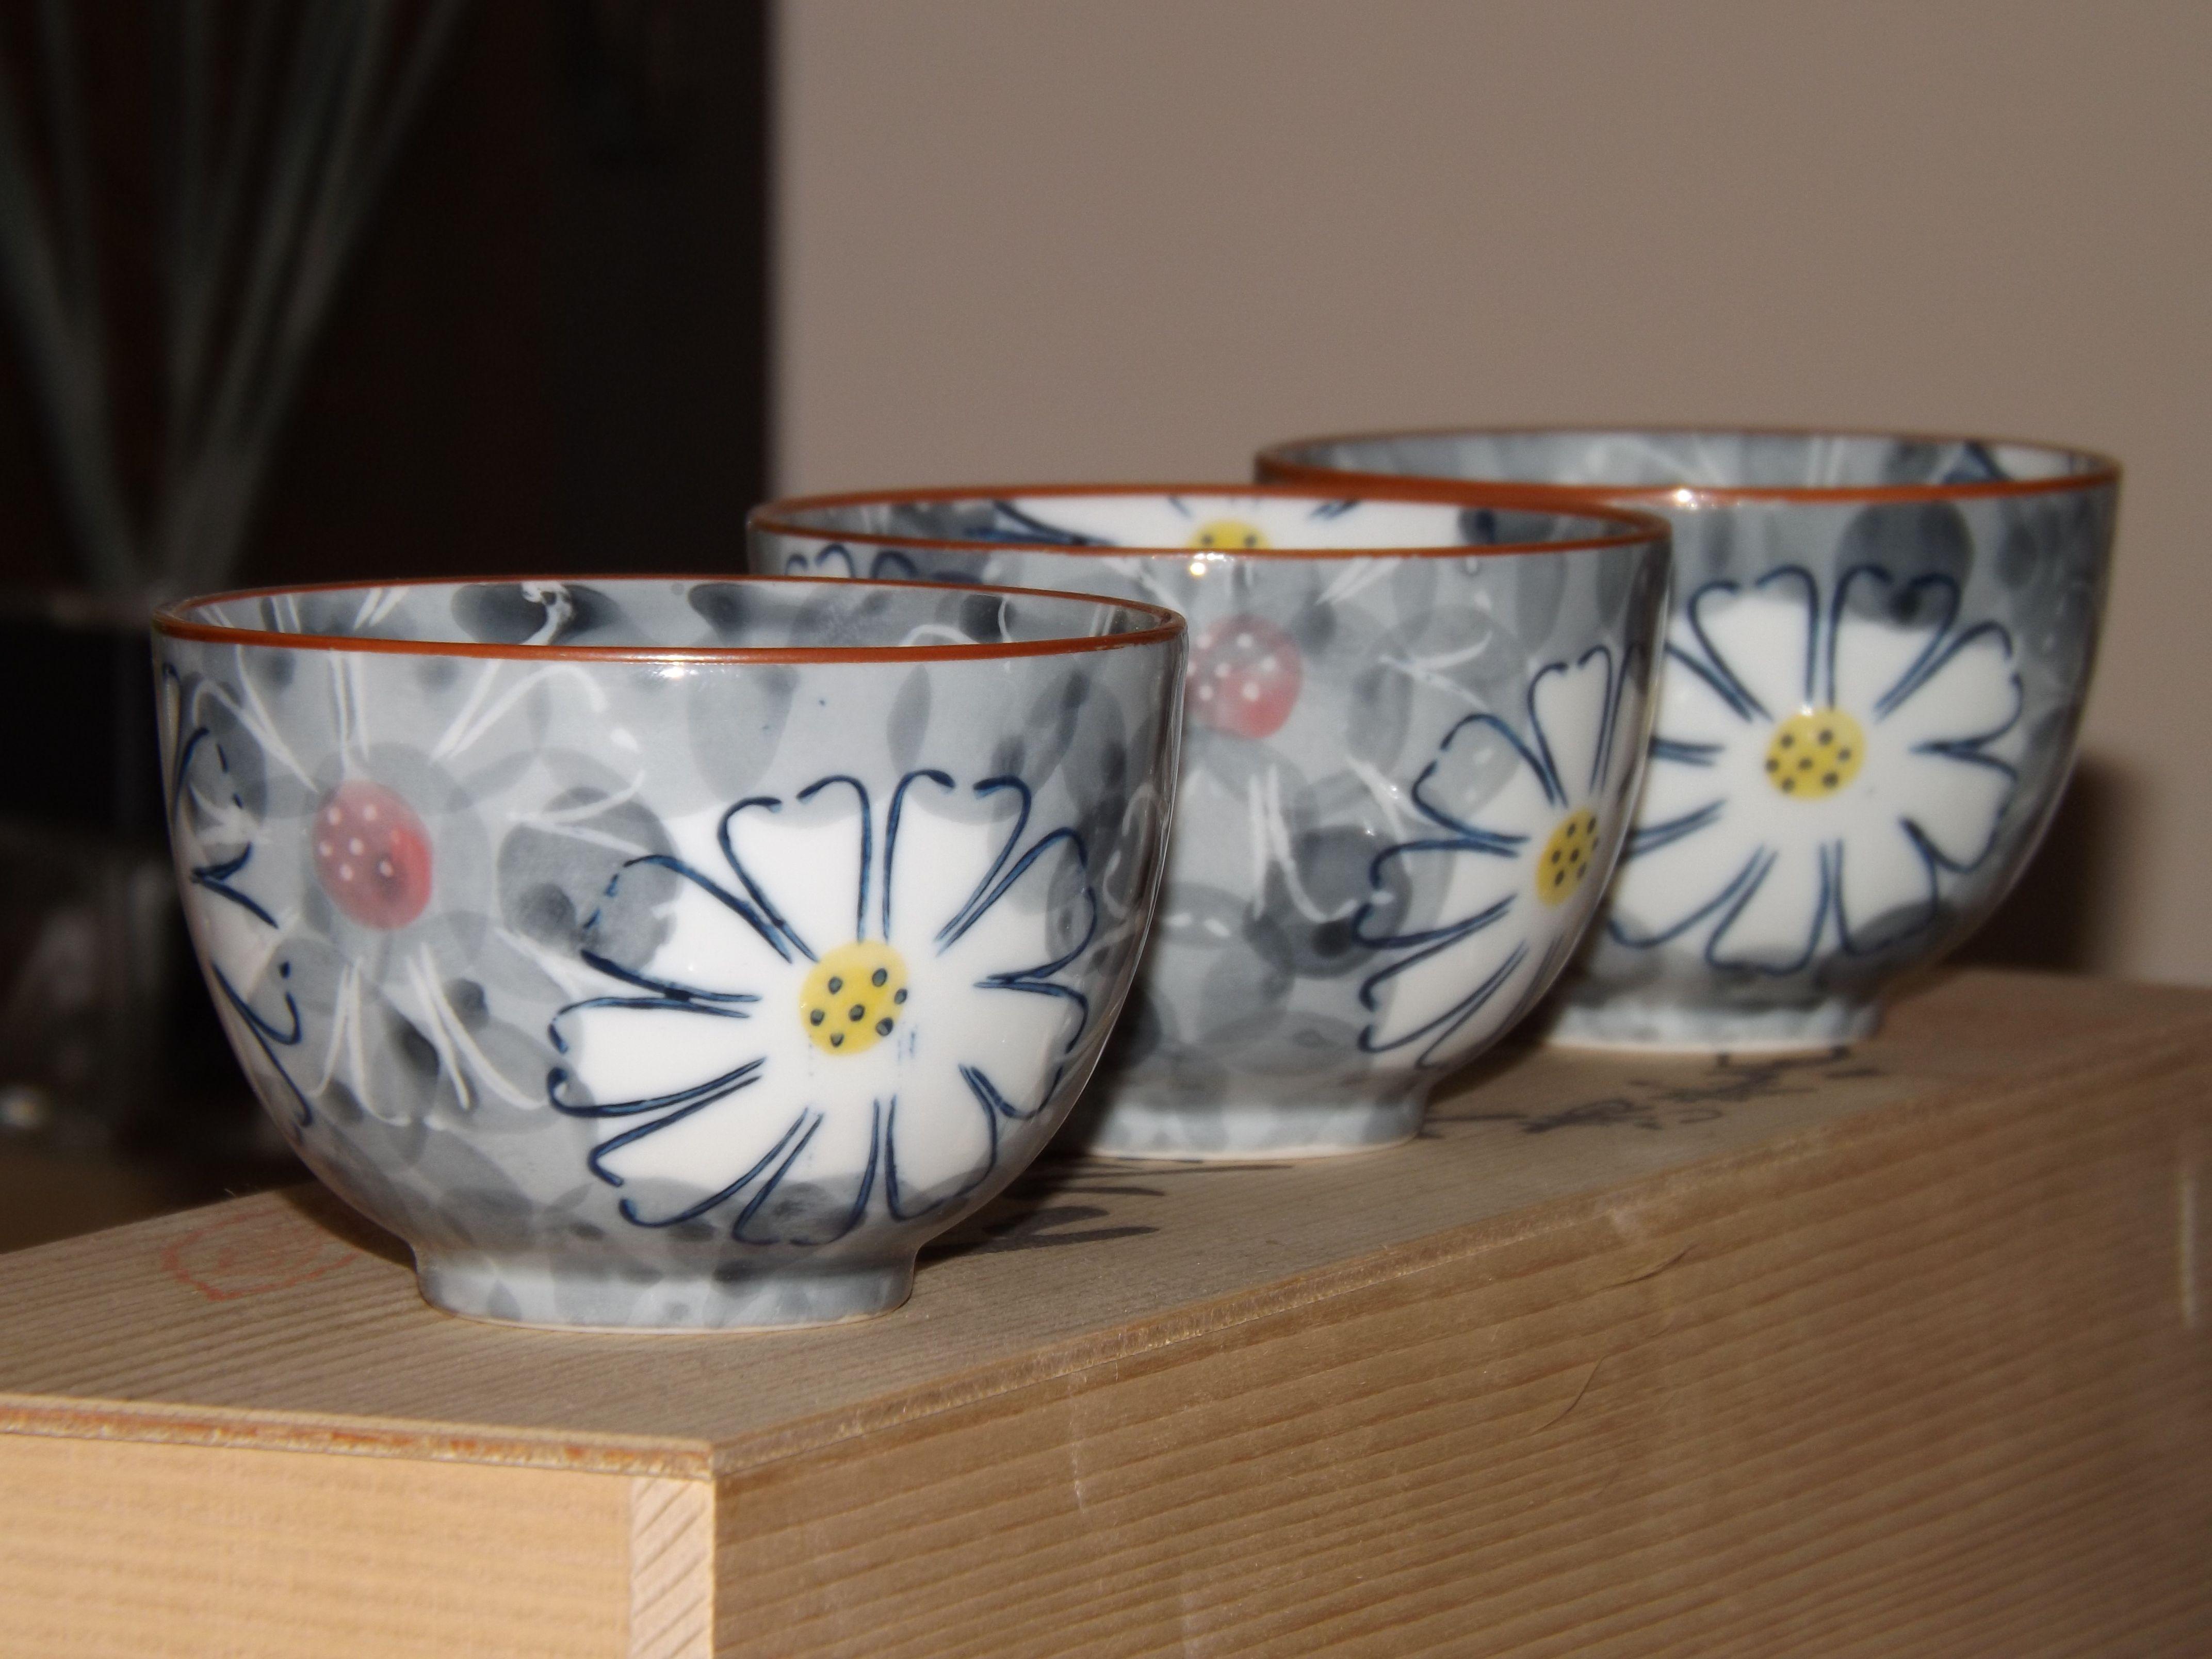 set di ciotole in veramica Giapponese. #itesoricoloniali #ciotole #ceramica #giappone #arredamento #design